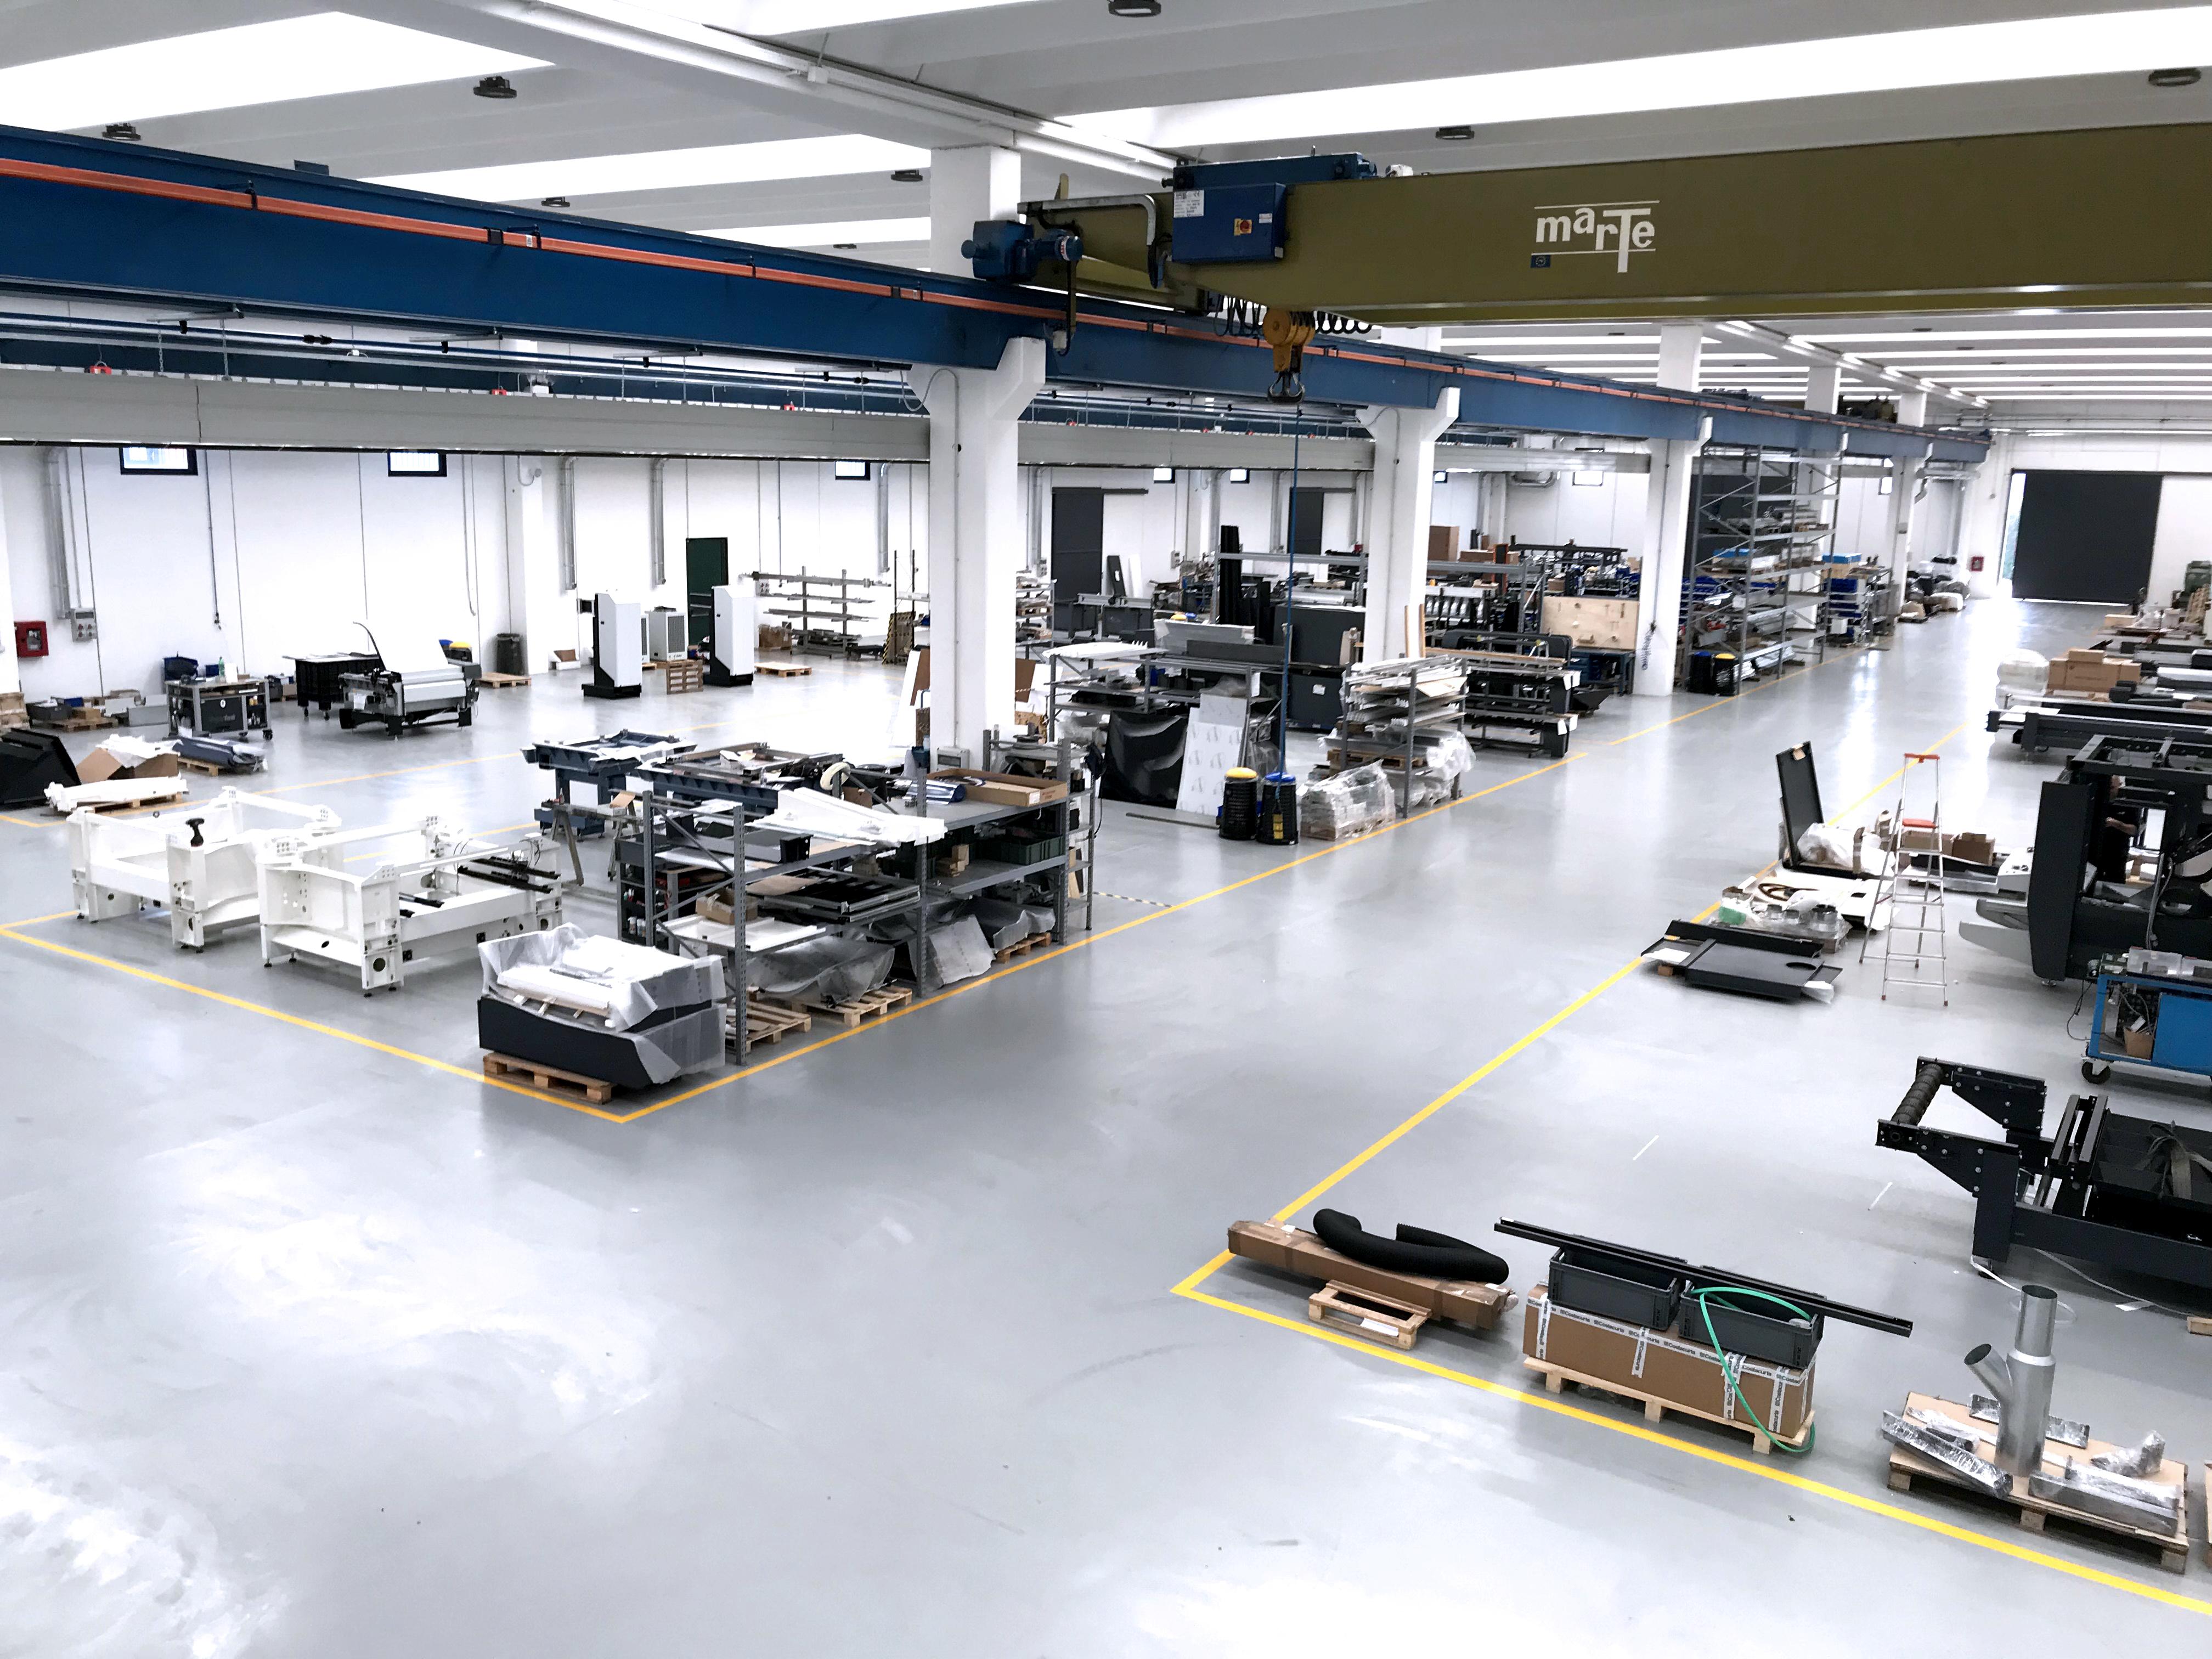 レーザー加工機メーカーSEI社の新工場